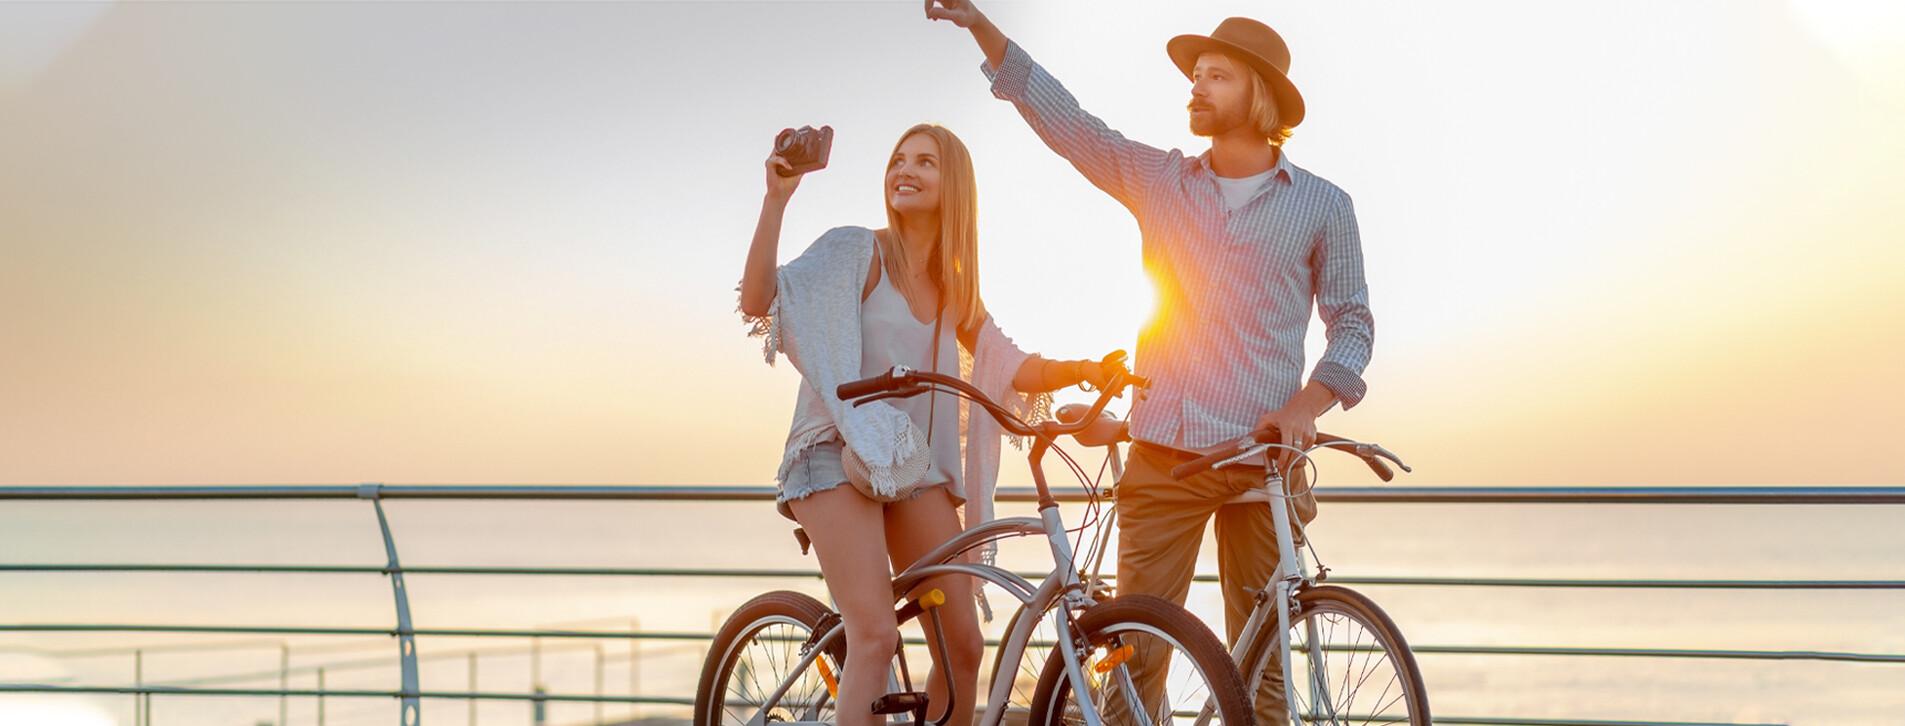 Fotoğraf 1 - İki Kişi için Deniz Kıyısında Bisiklet Turu